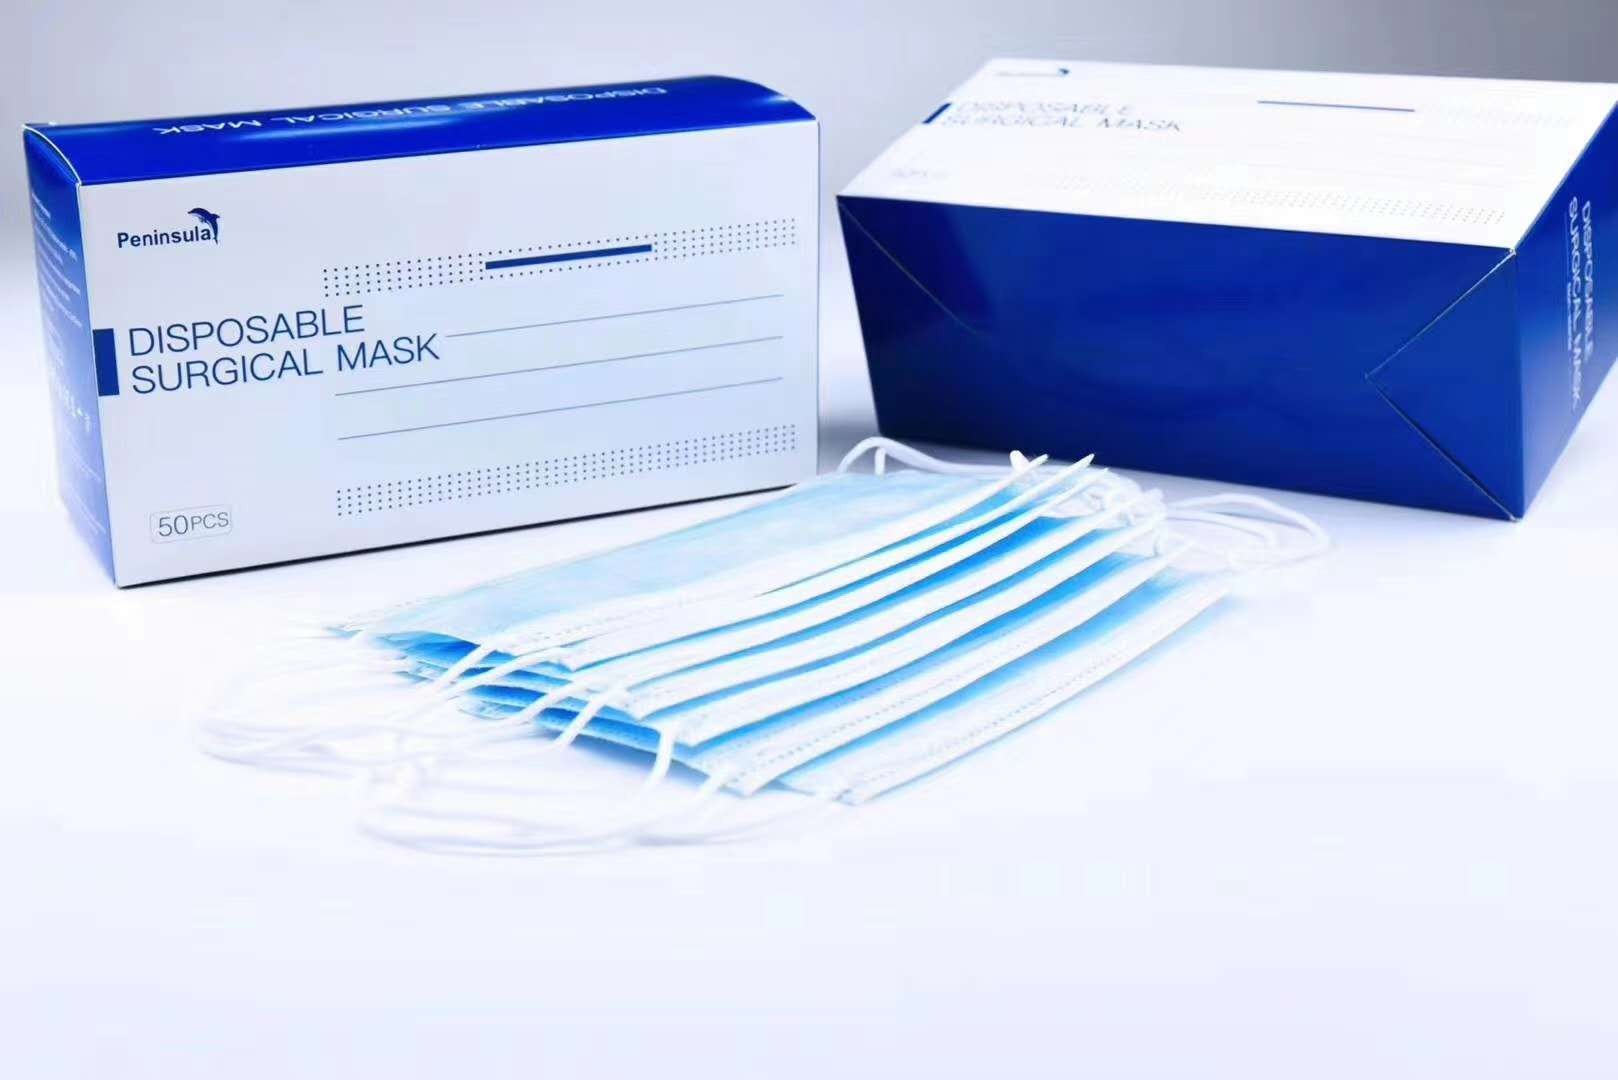 一次性使用医用口罩(疫情应急产品)